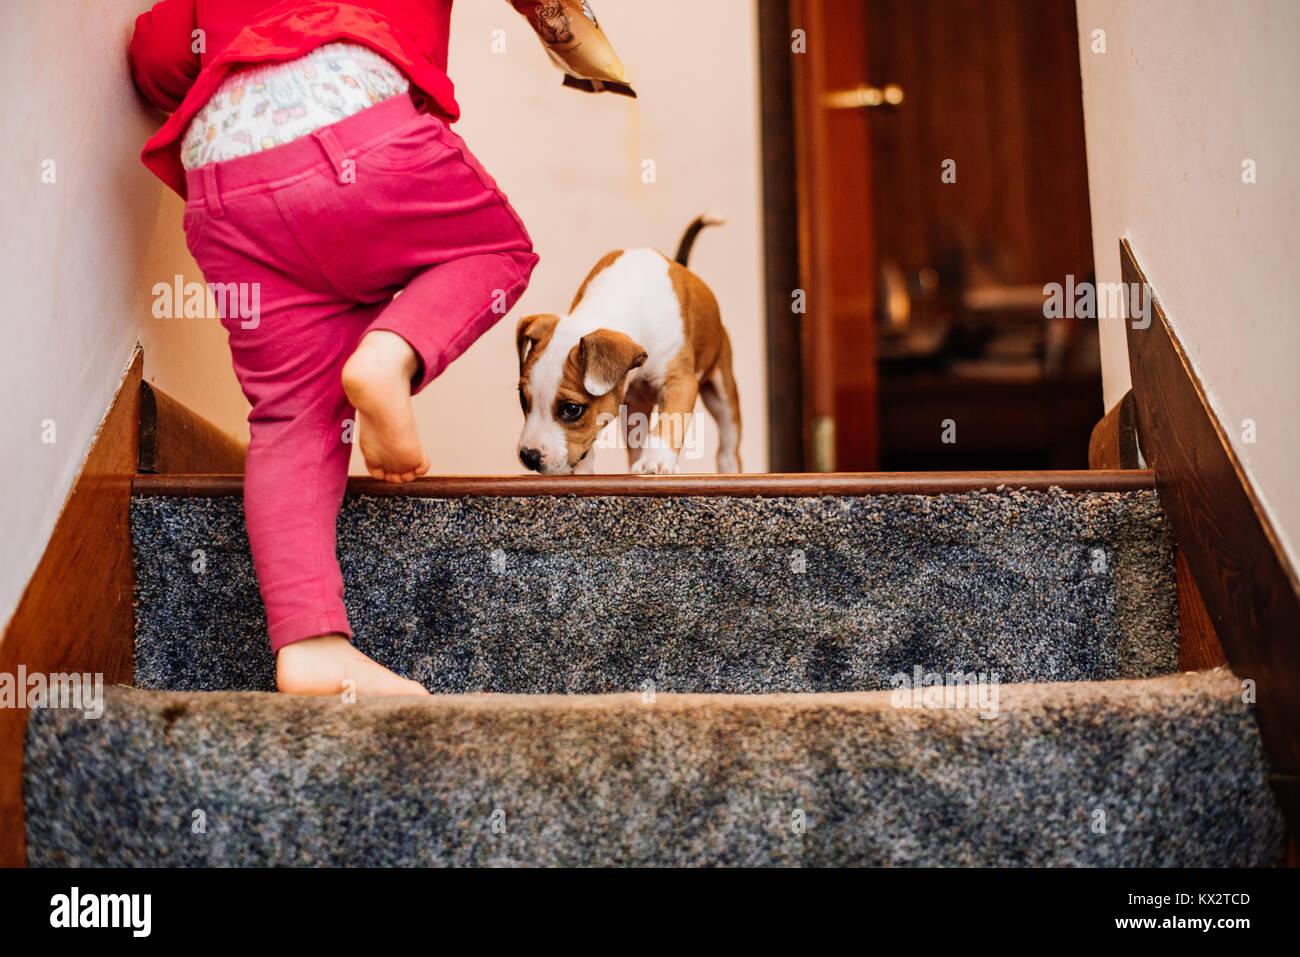 Ein Kleinkind Mädchen geht die Treppe hinauf, während ein Welpe auf ihren Wanderungen. Stockbild